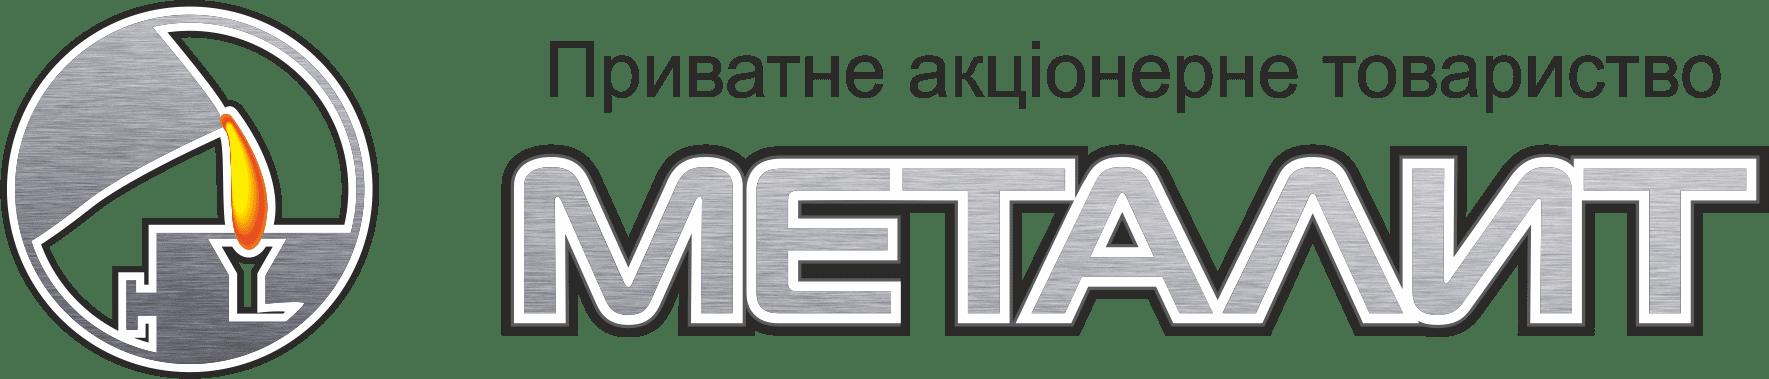 ПрАТ МЕТАЛИТ